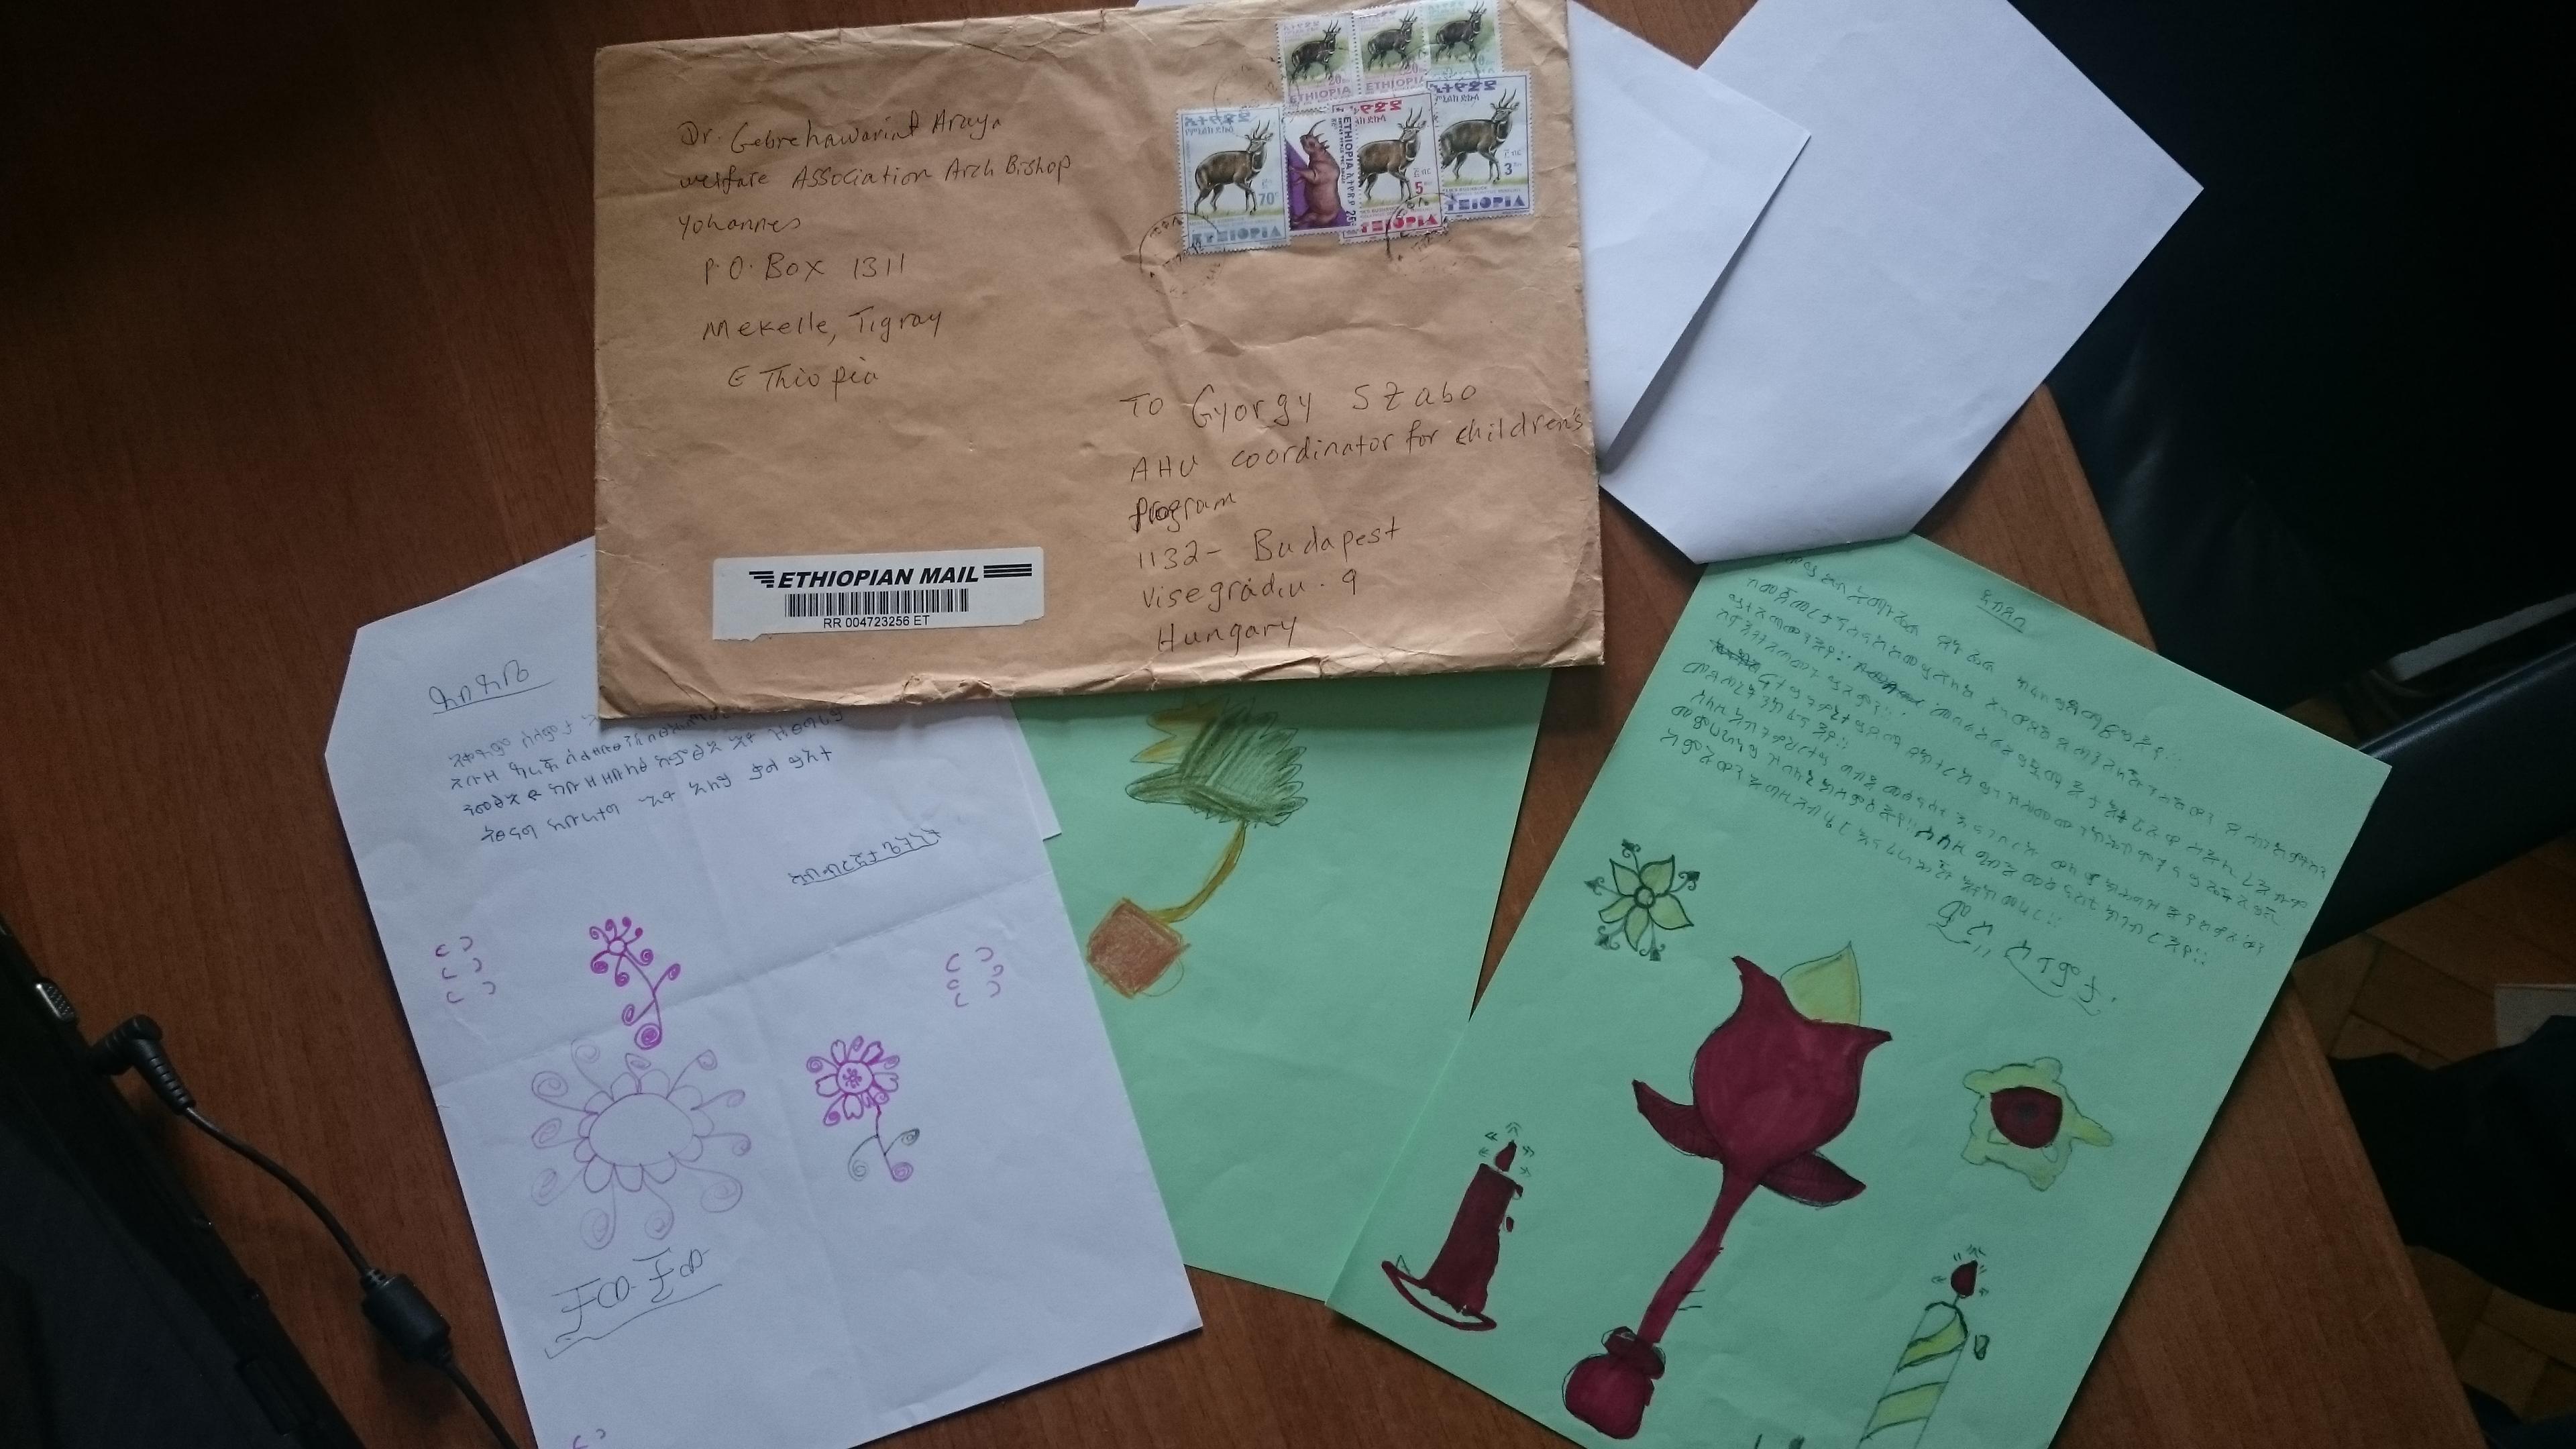 Etióp gyerekek levelei magyar támogatóiknak. Rajzokkal is díszítik a leveleket a gyerekek, és megfigyelhetitek a az etióp bélyegeket is  a borítékon.